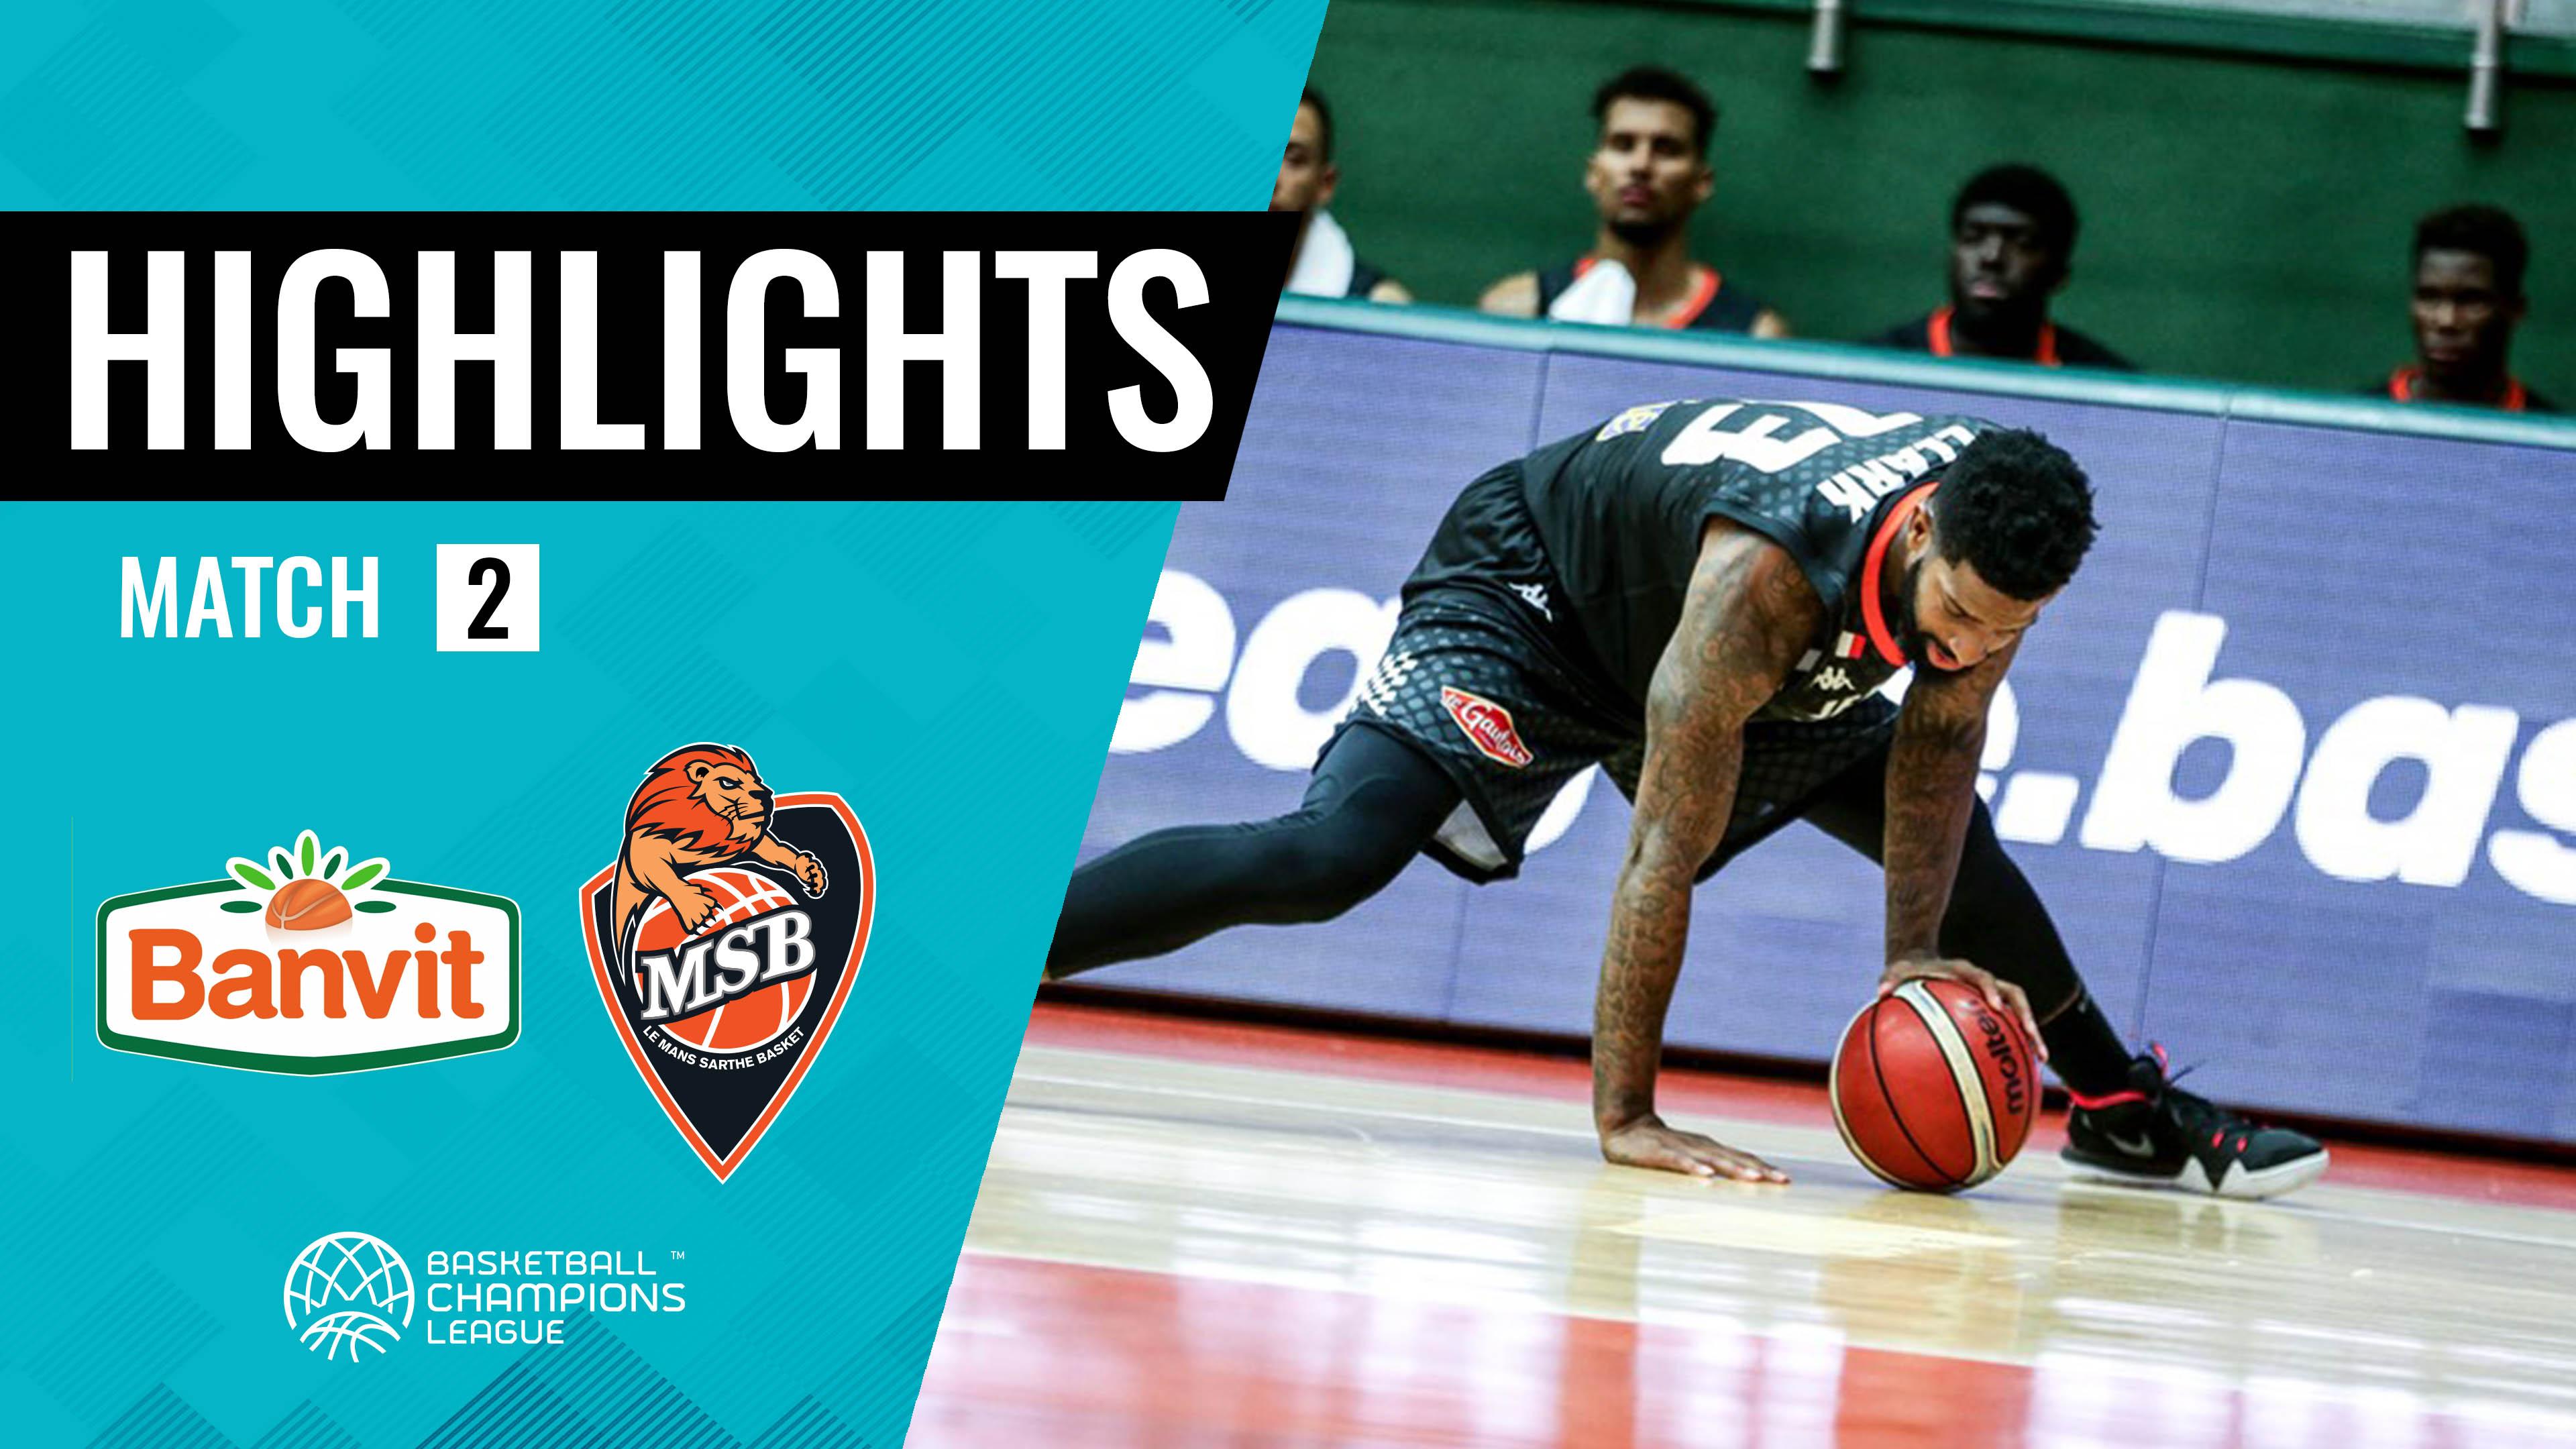 Highlights Banvit - MSB